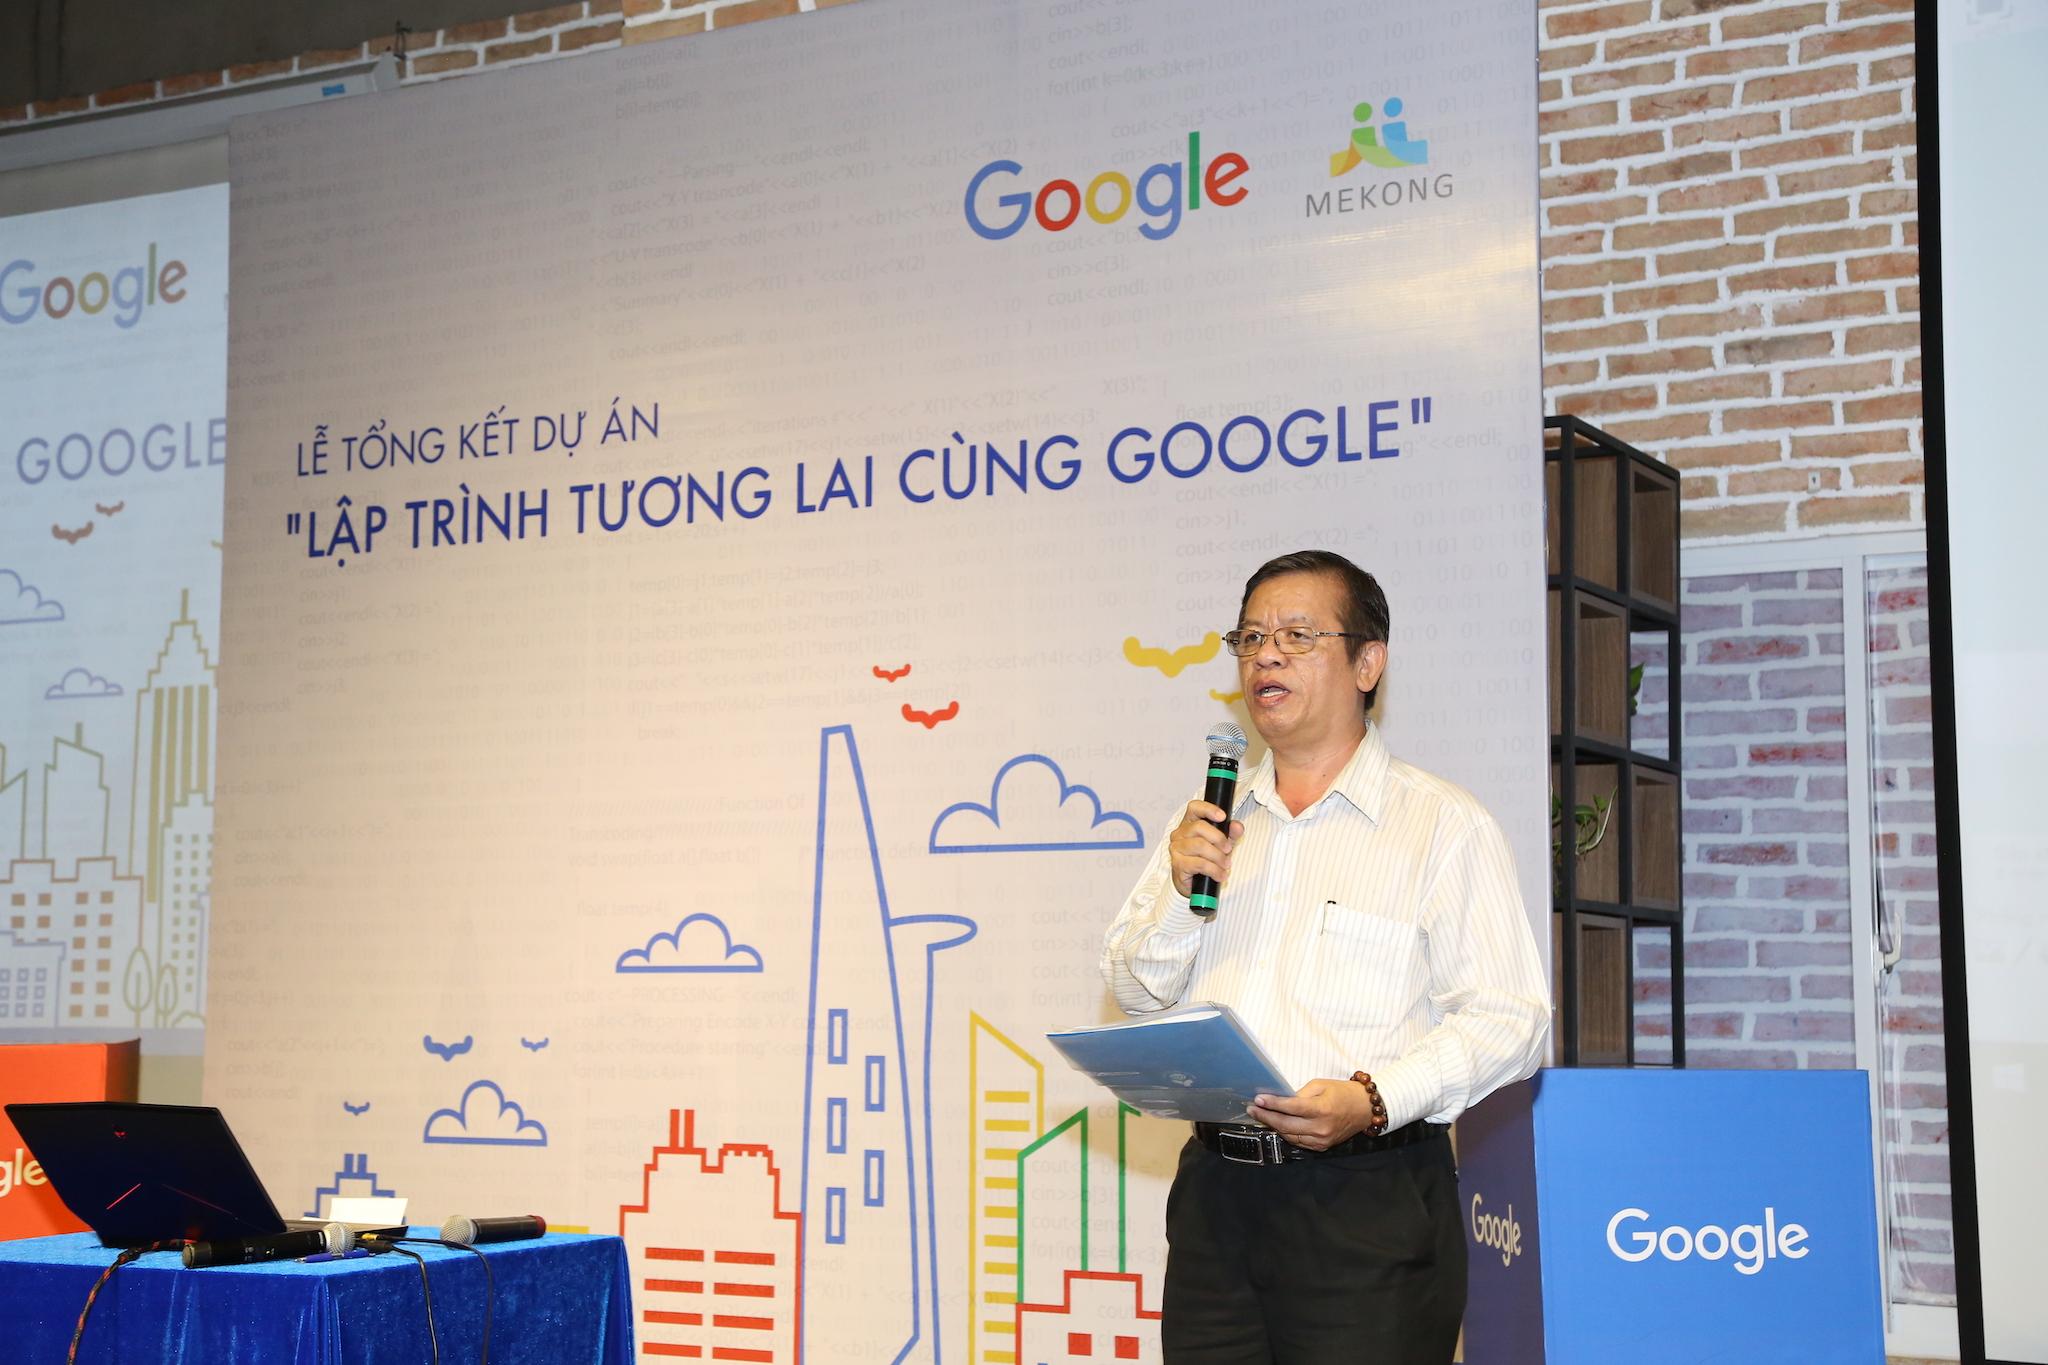 Thầy Nguyễn Quang Vinh- trưởng phòng giáo dục Tiểu Học - Sở Giáo Dục Đào Tạo TP.HCM.JPG